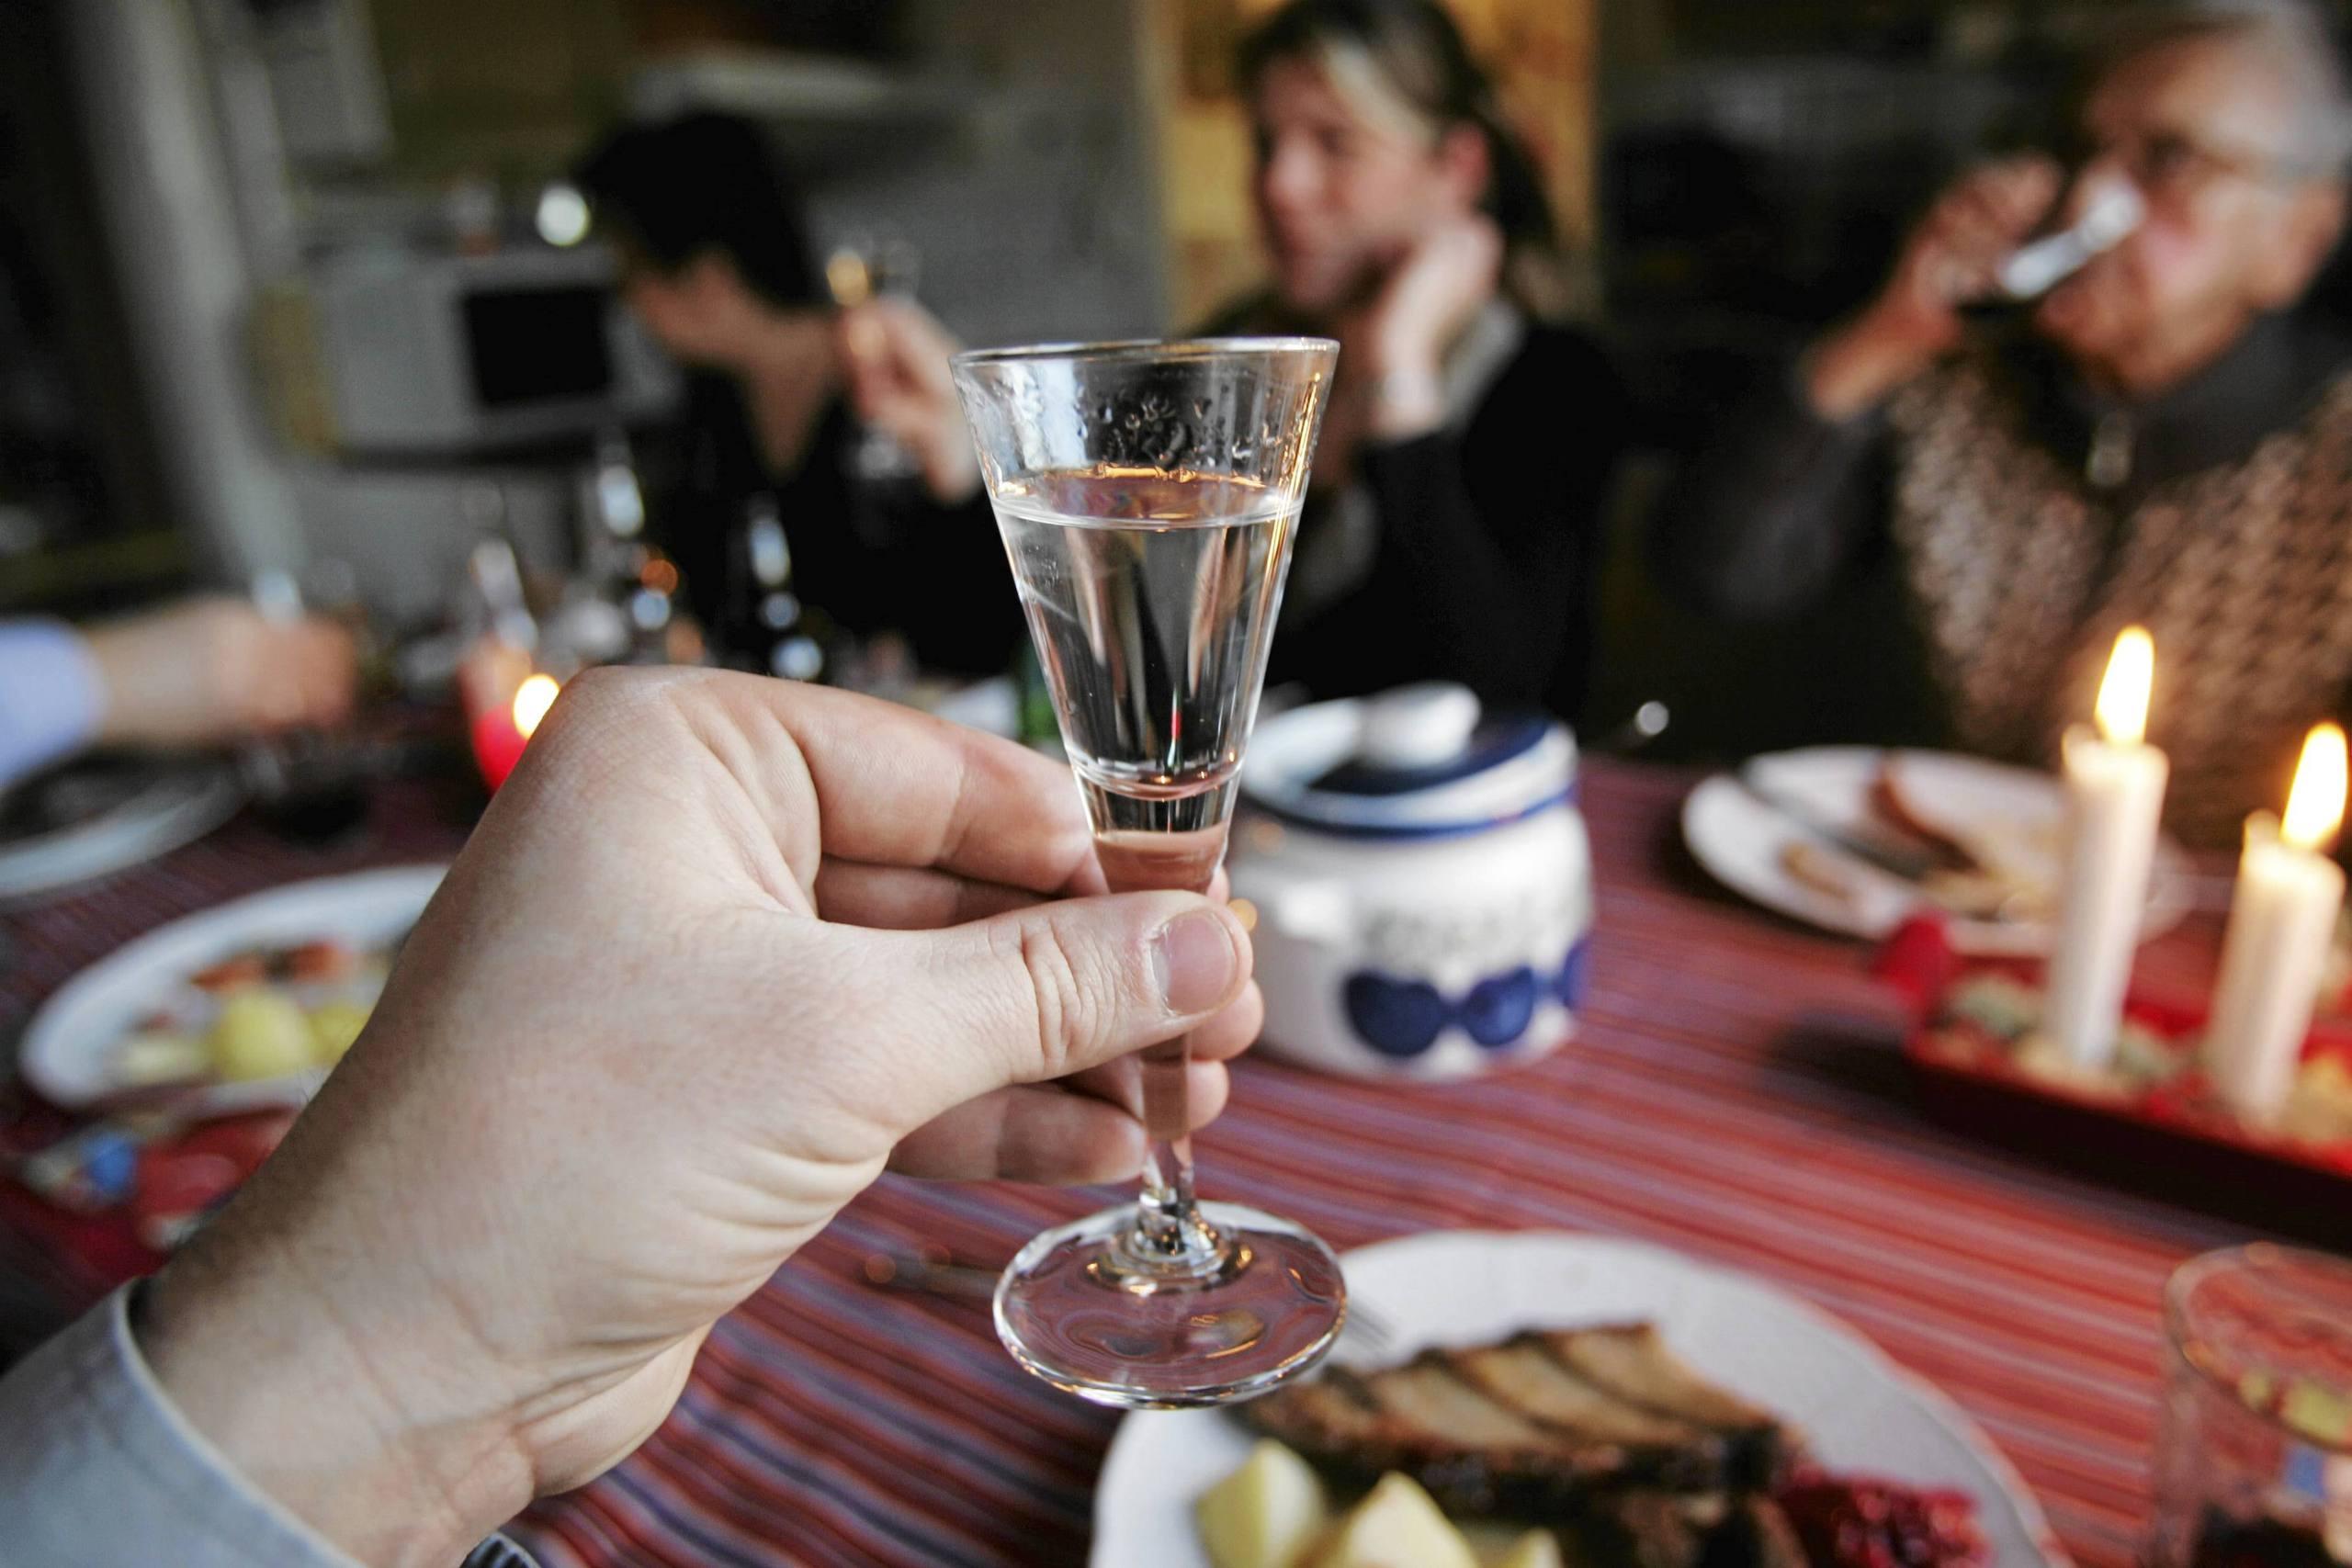 Barnen radda for julen nar foraldrarna dricker